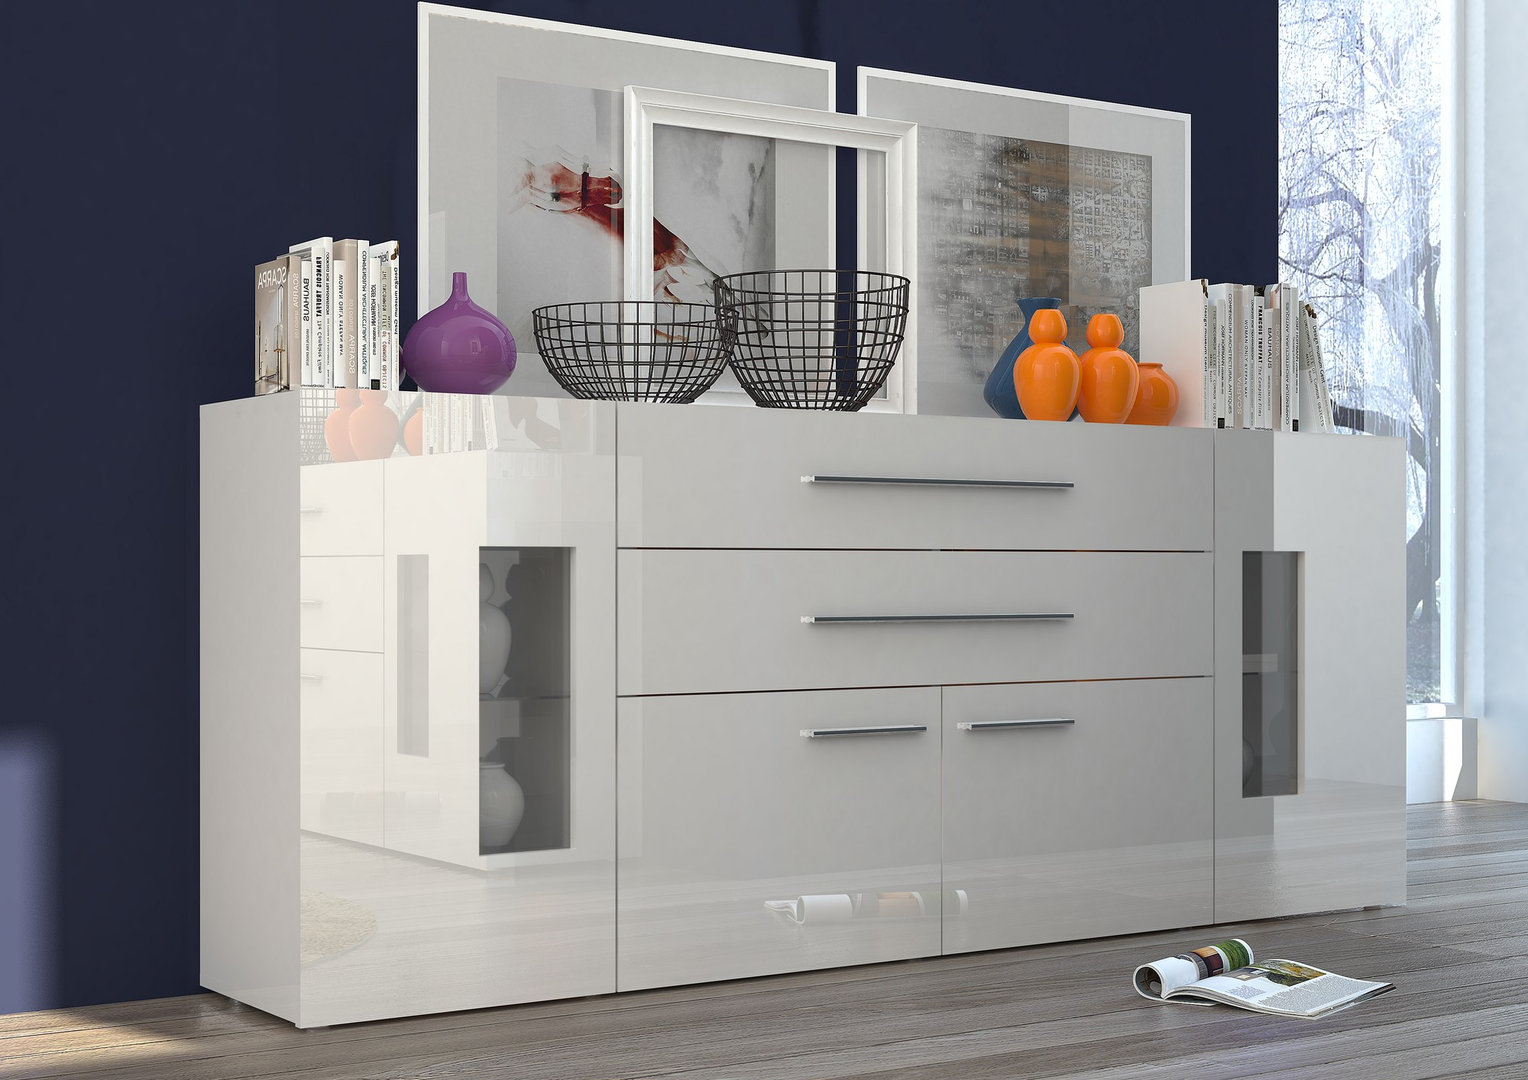 Credenza Bassa Per Soggiorno : Credenza moderna tower madia per soggiorno design